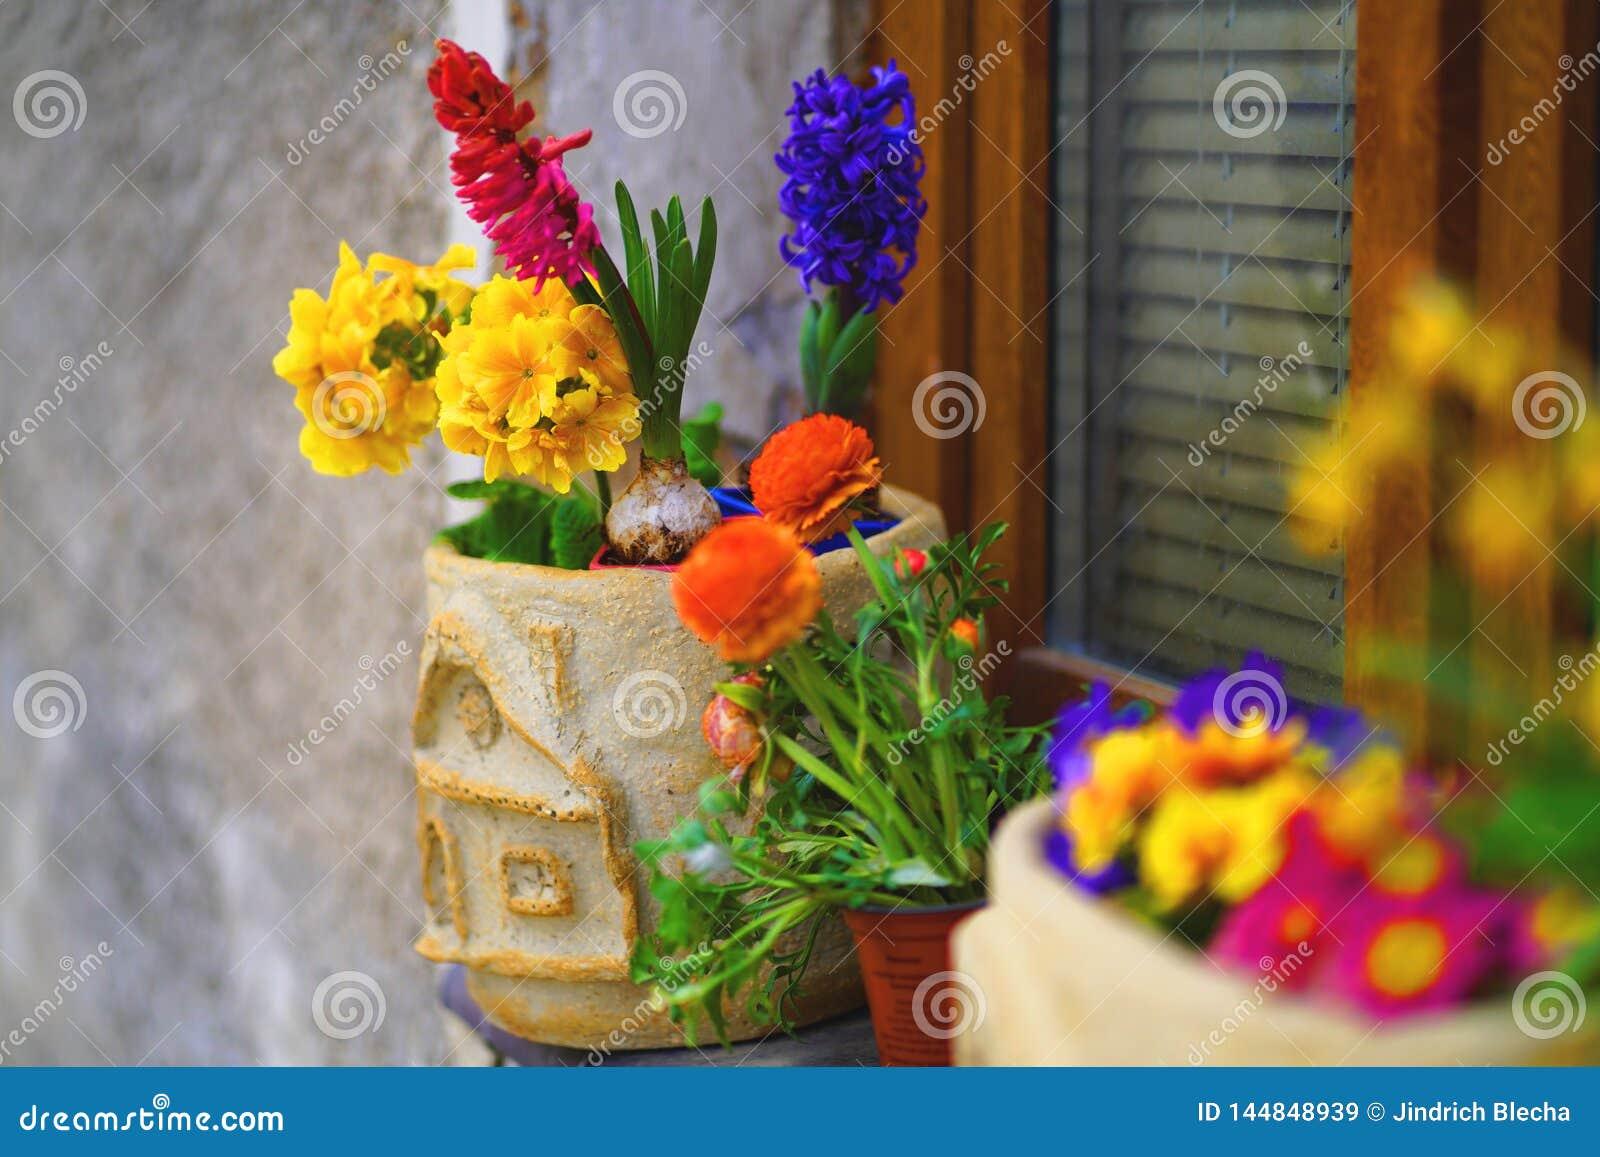 Filon-couche décoré de fenêtre avec des fleurs de ressort dans des pots